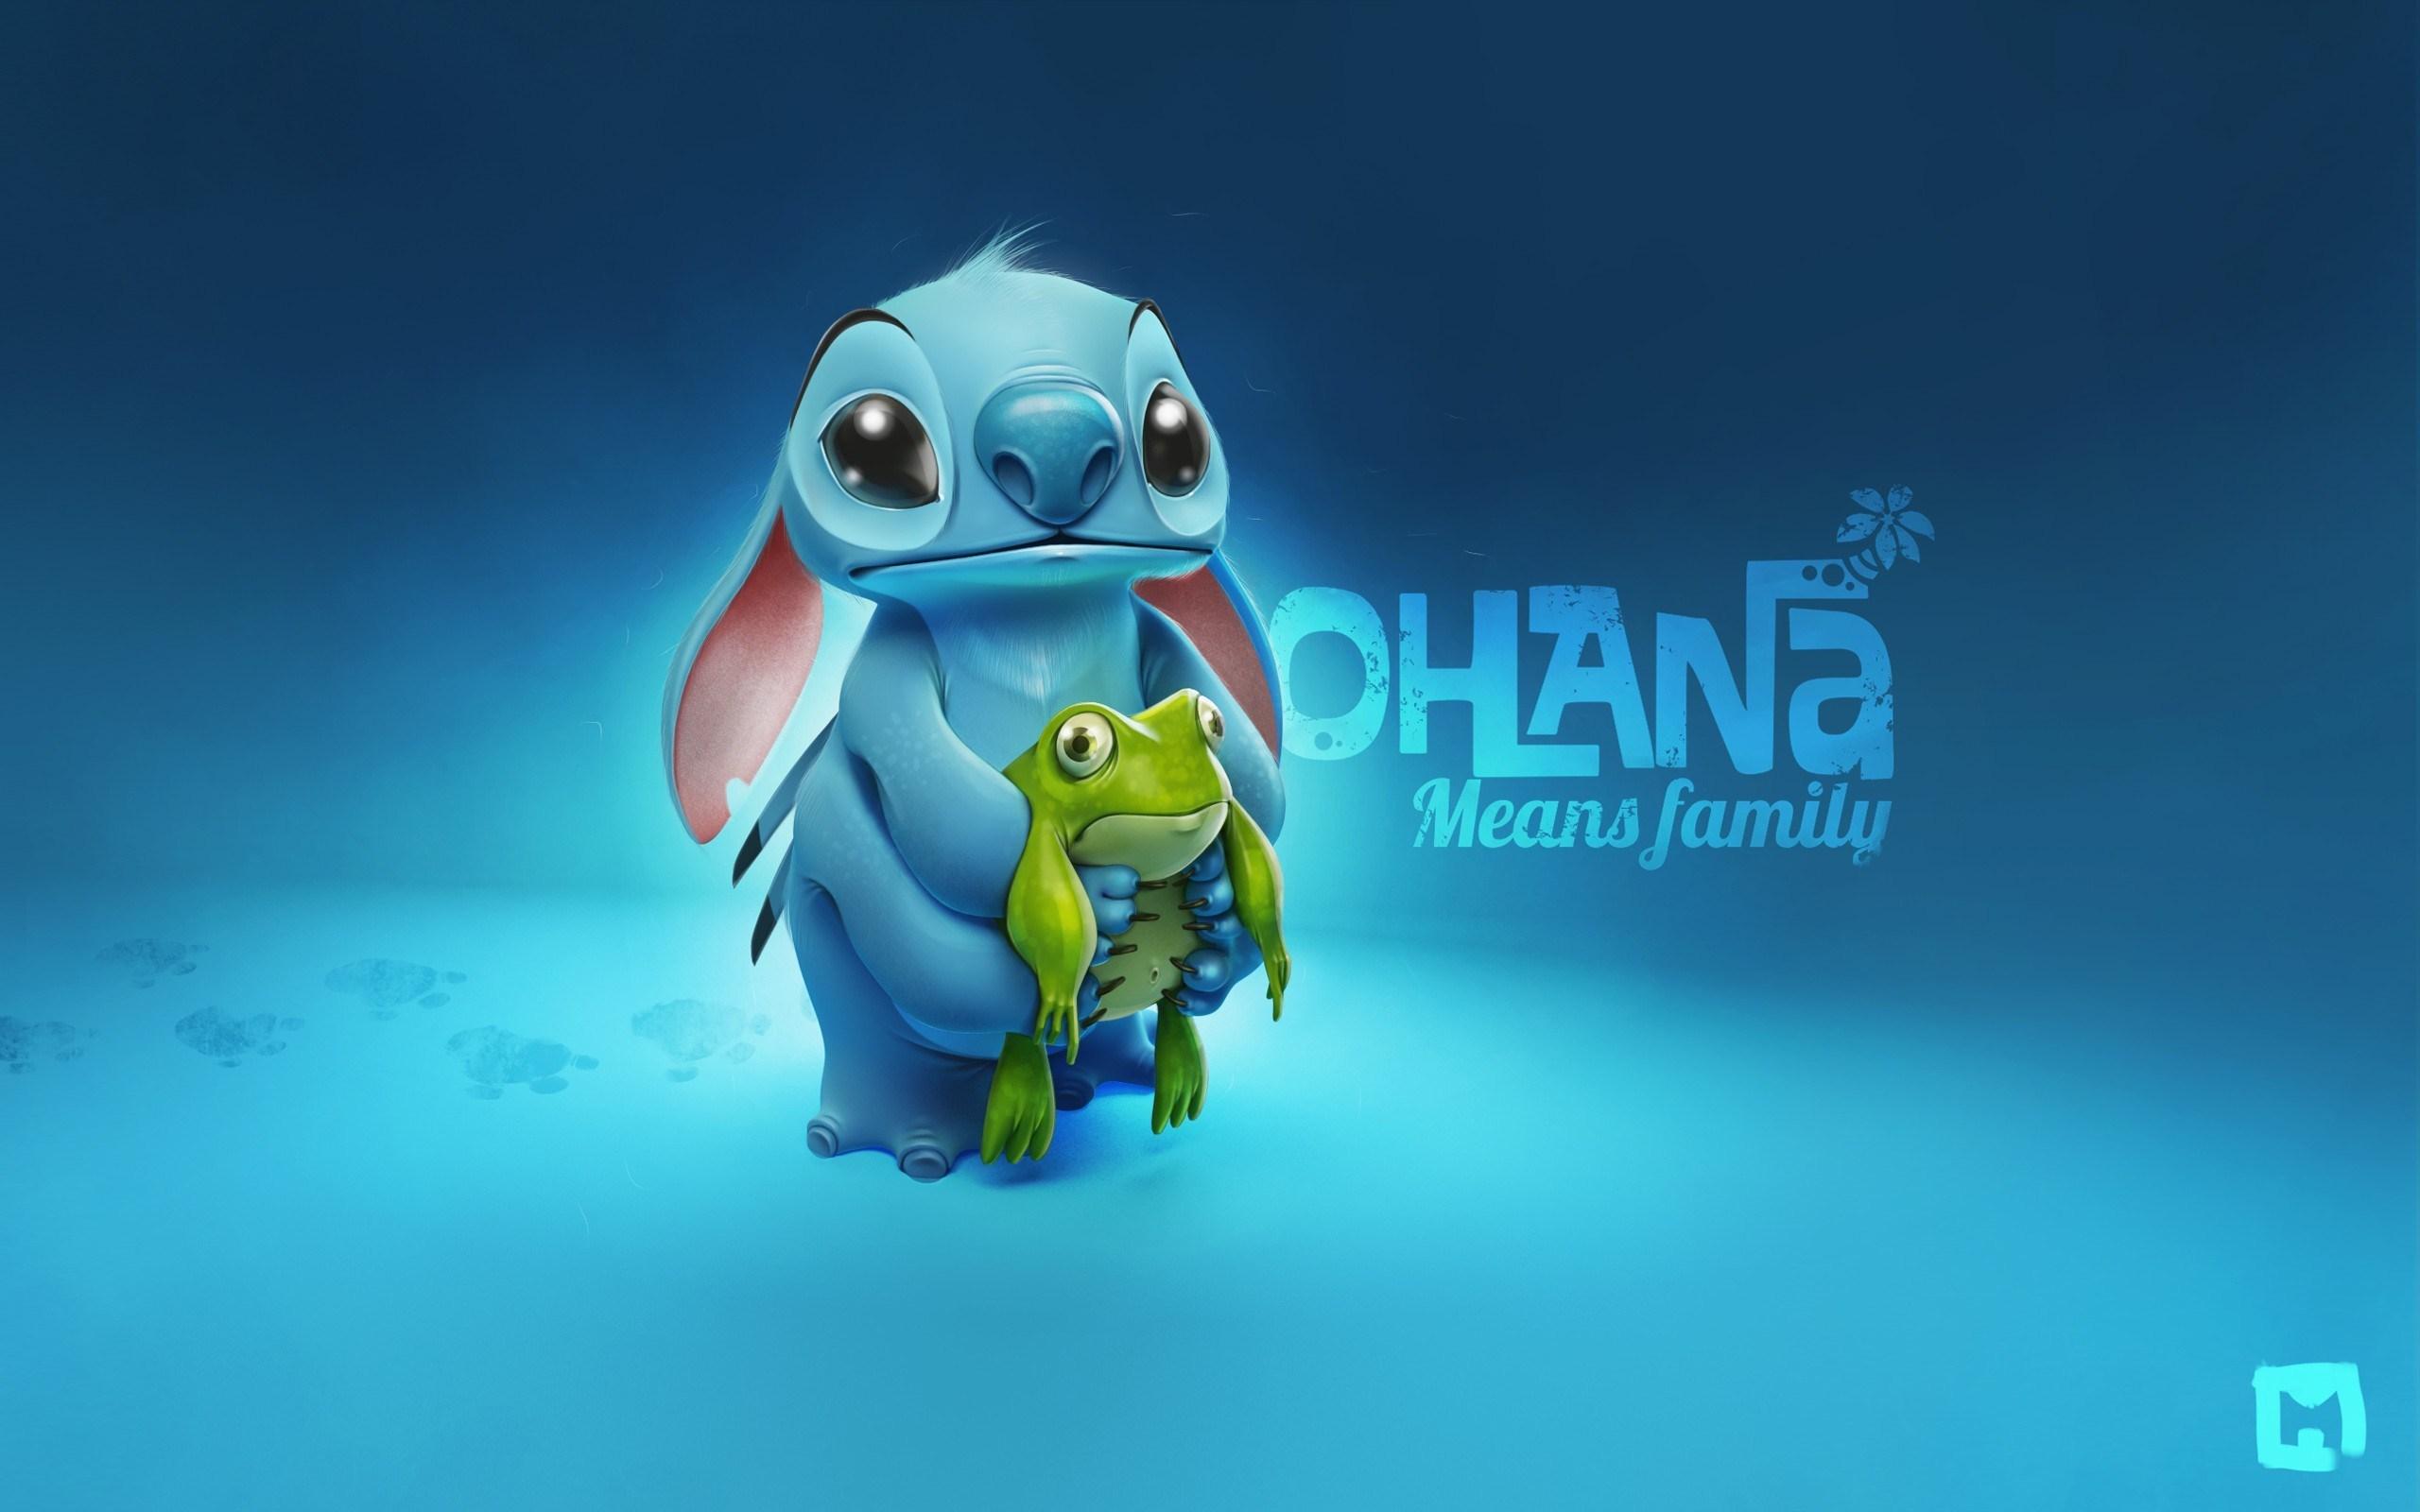 Lilo And Stitch HD Wallpaper